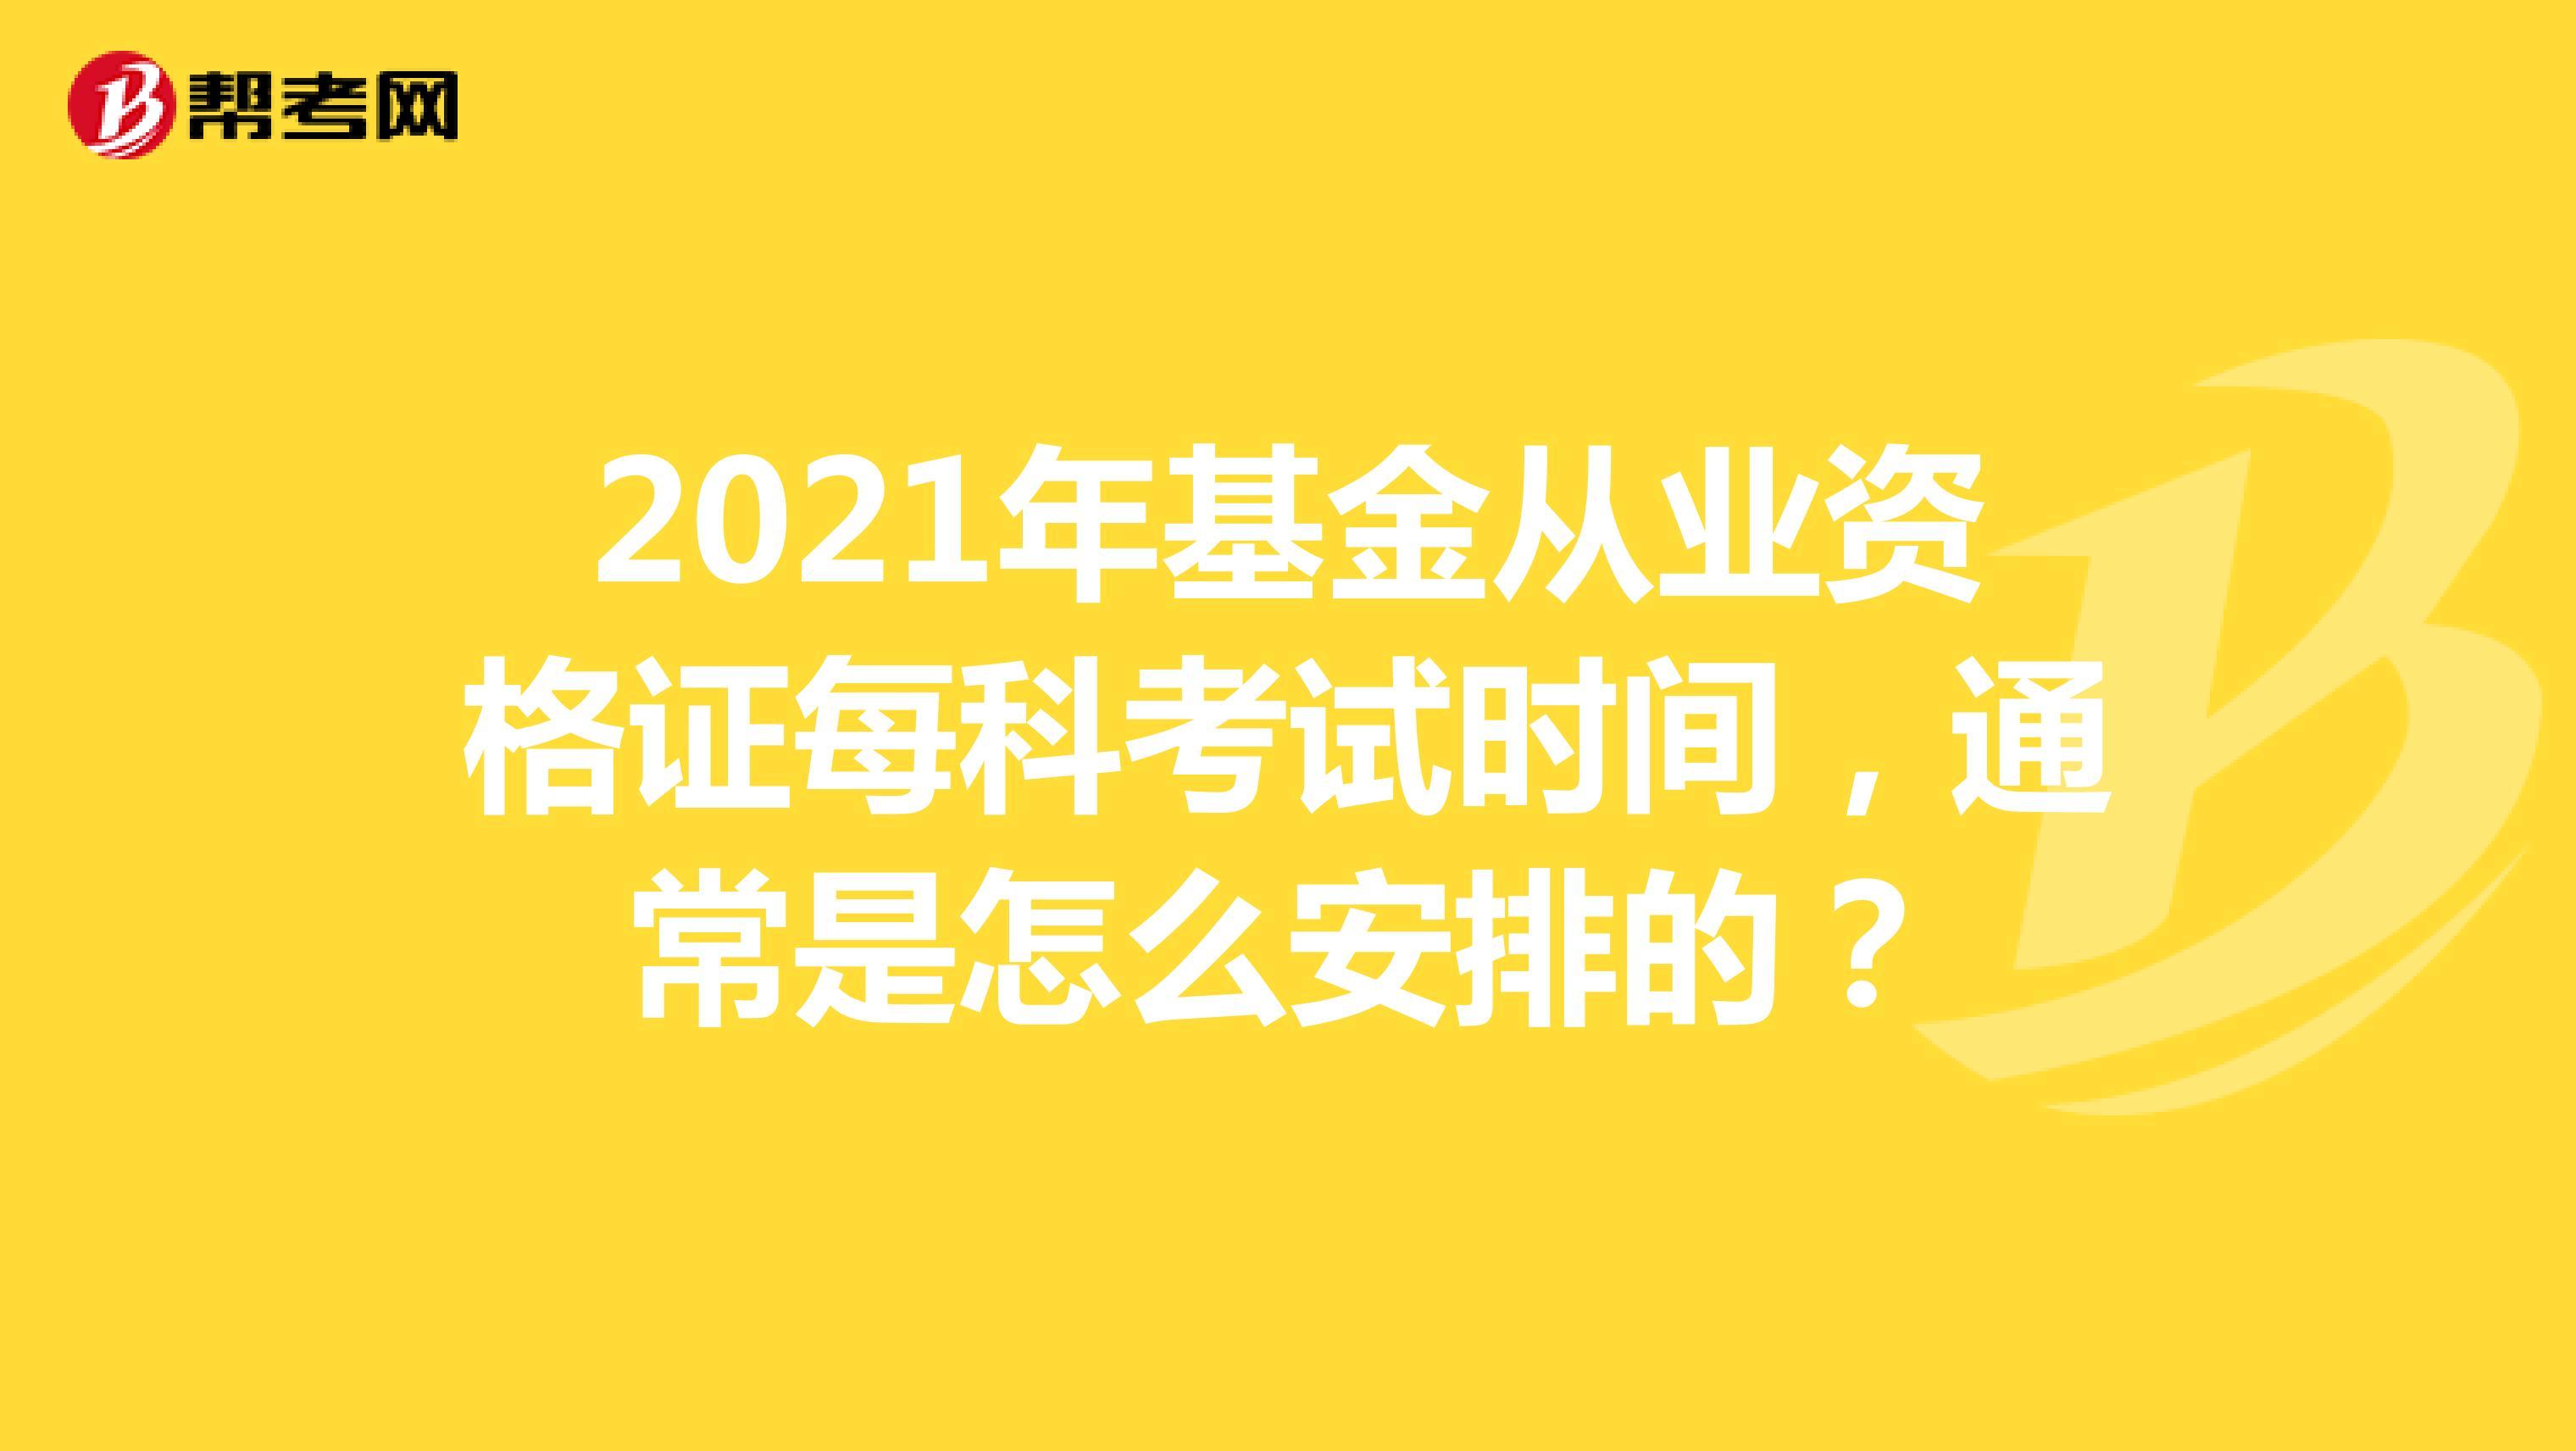 2021年基金从业资格证每科考试时间,通常是怎么安排的?